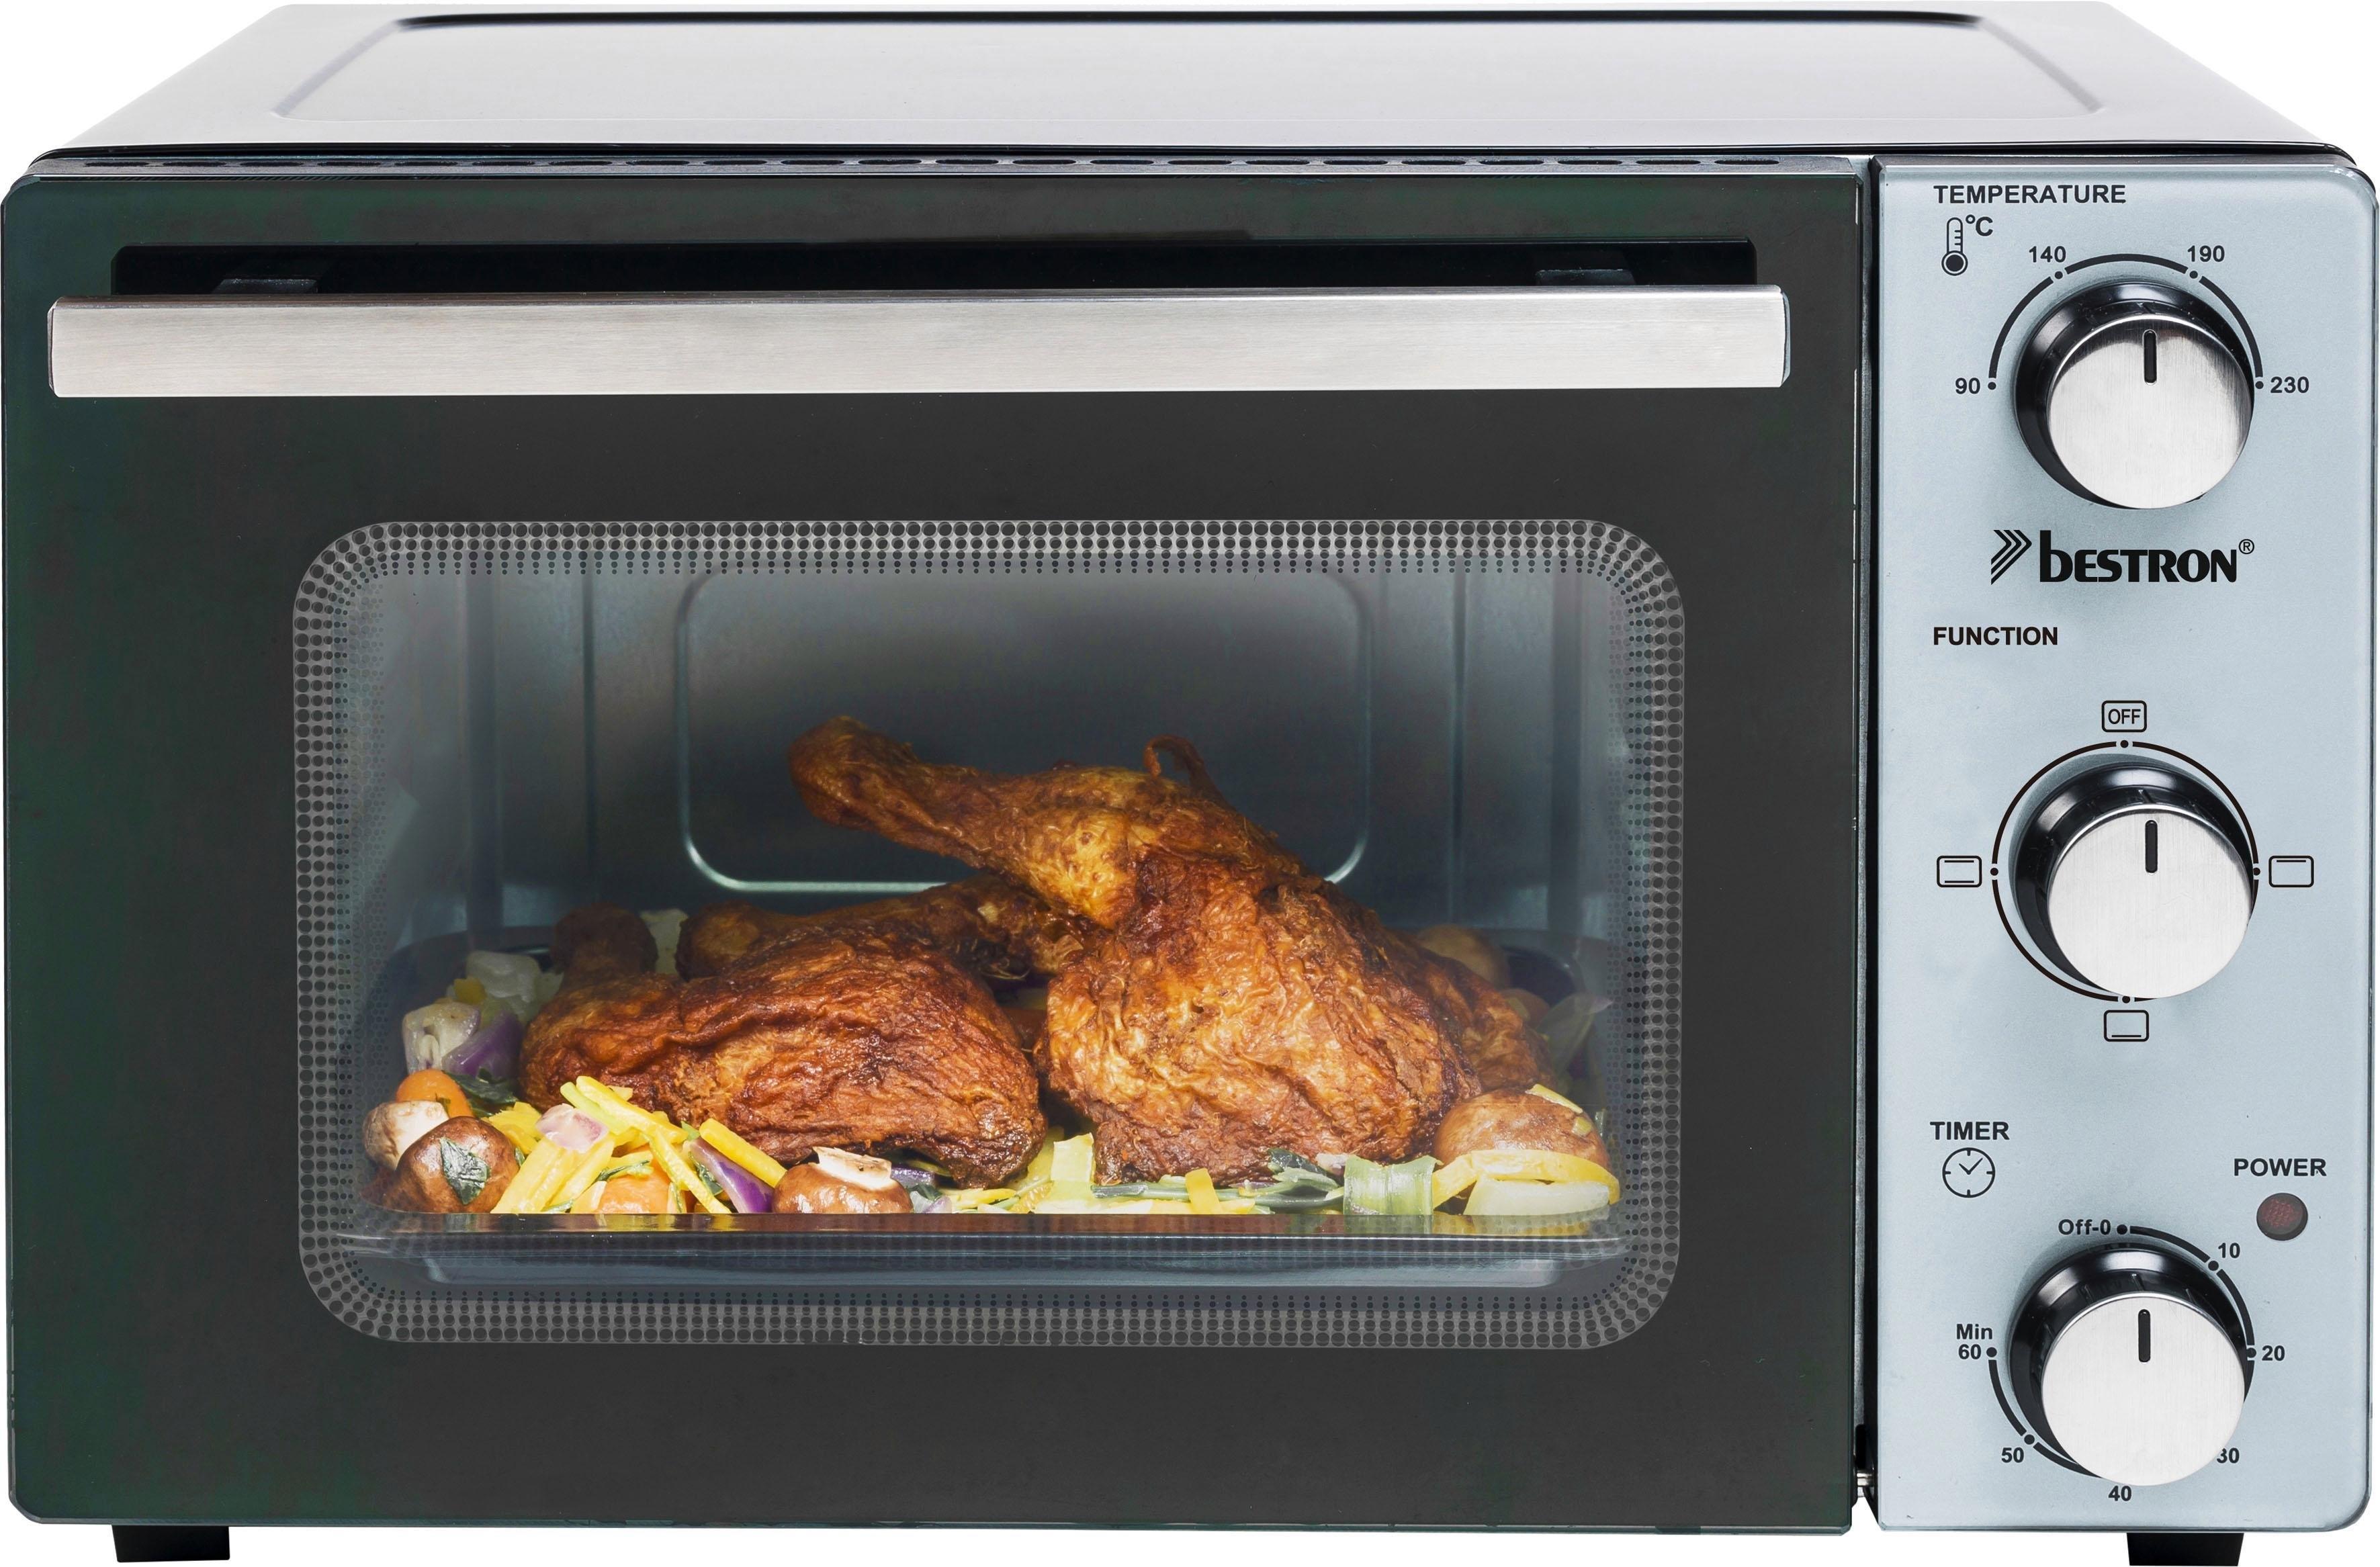 bestron mini-oven Compact apparaat 1300 w, roestvrij staal, zwart goedkoop op otto.nl kopen